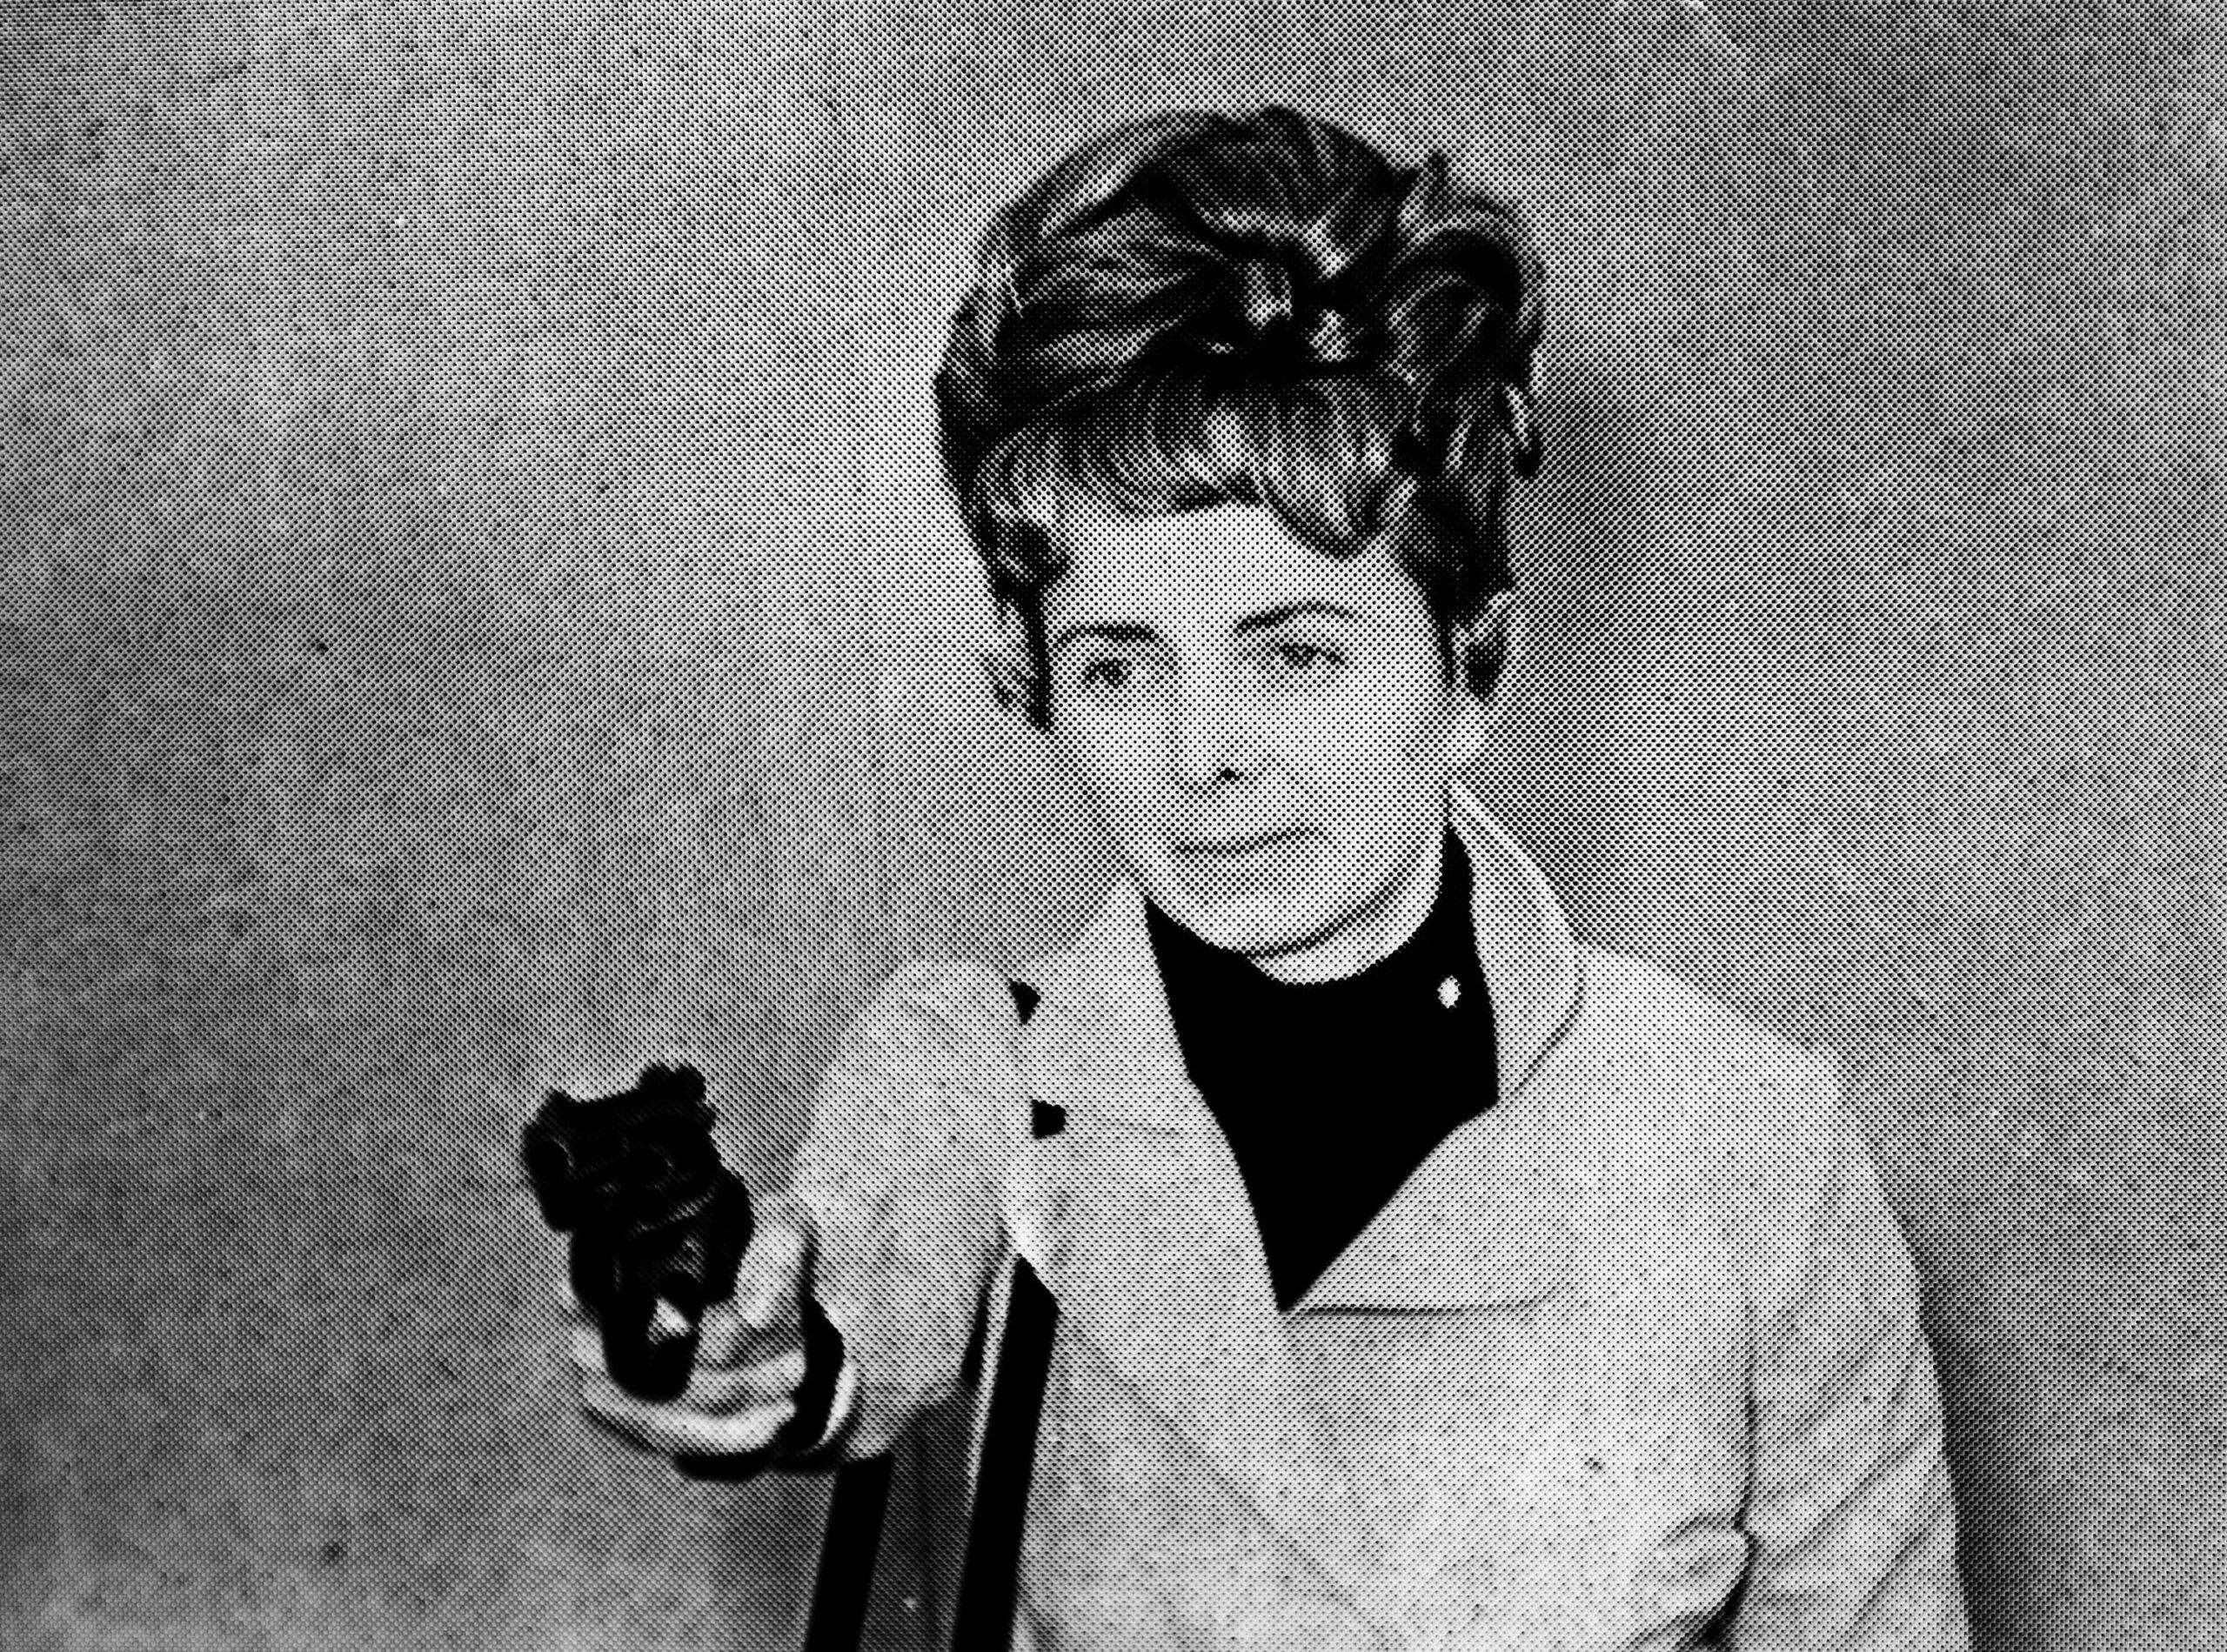 Special Agent Patricia (Patti) Morton (U.S. Department of Stat photo)